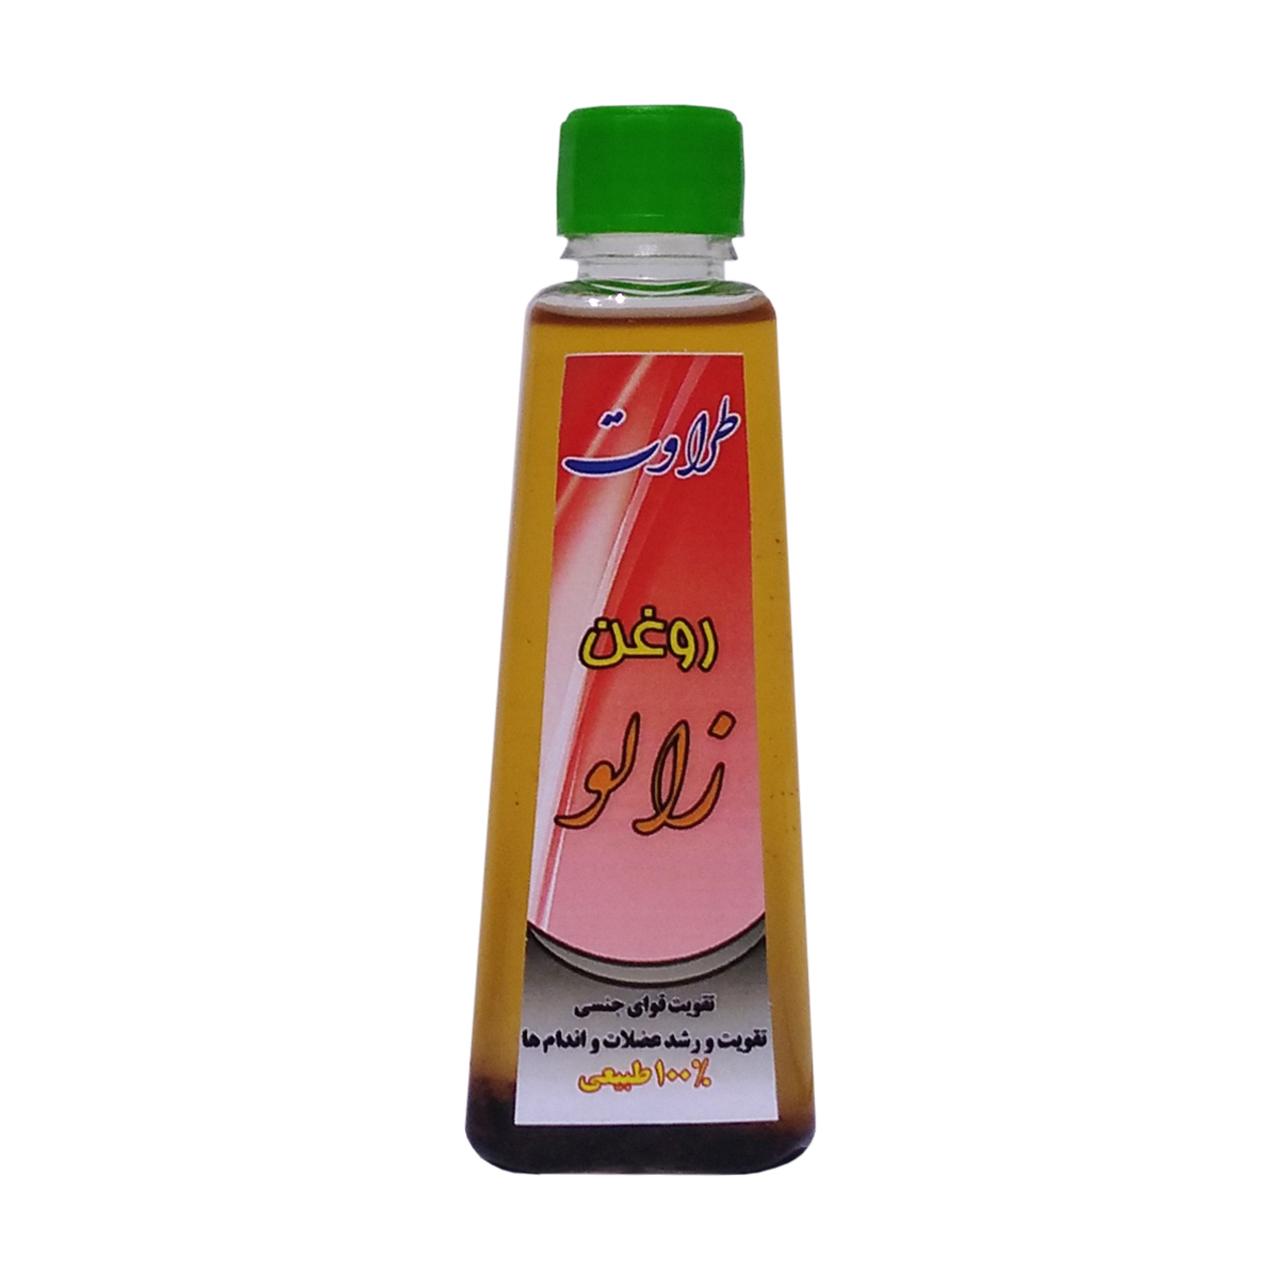 قیمت روغن زالو طراوت مدل Leech oil حجم 50 میلی لیتر